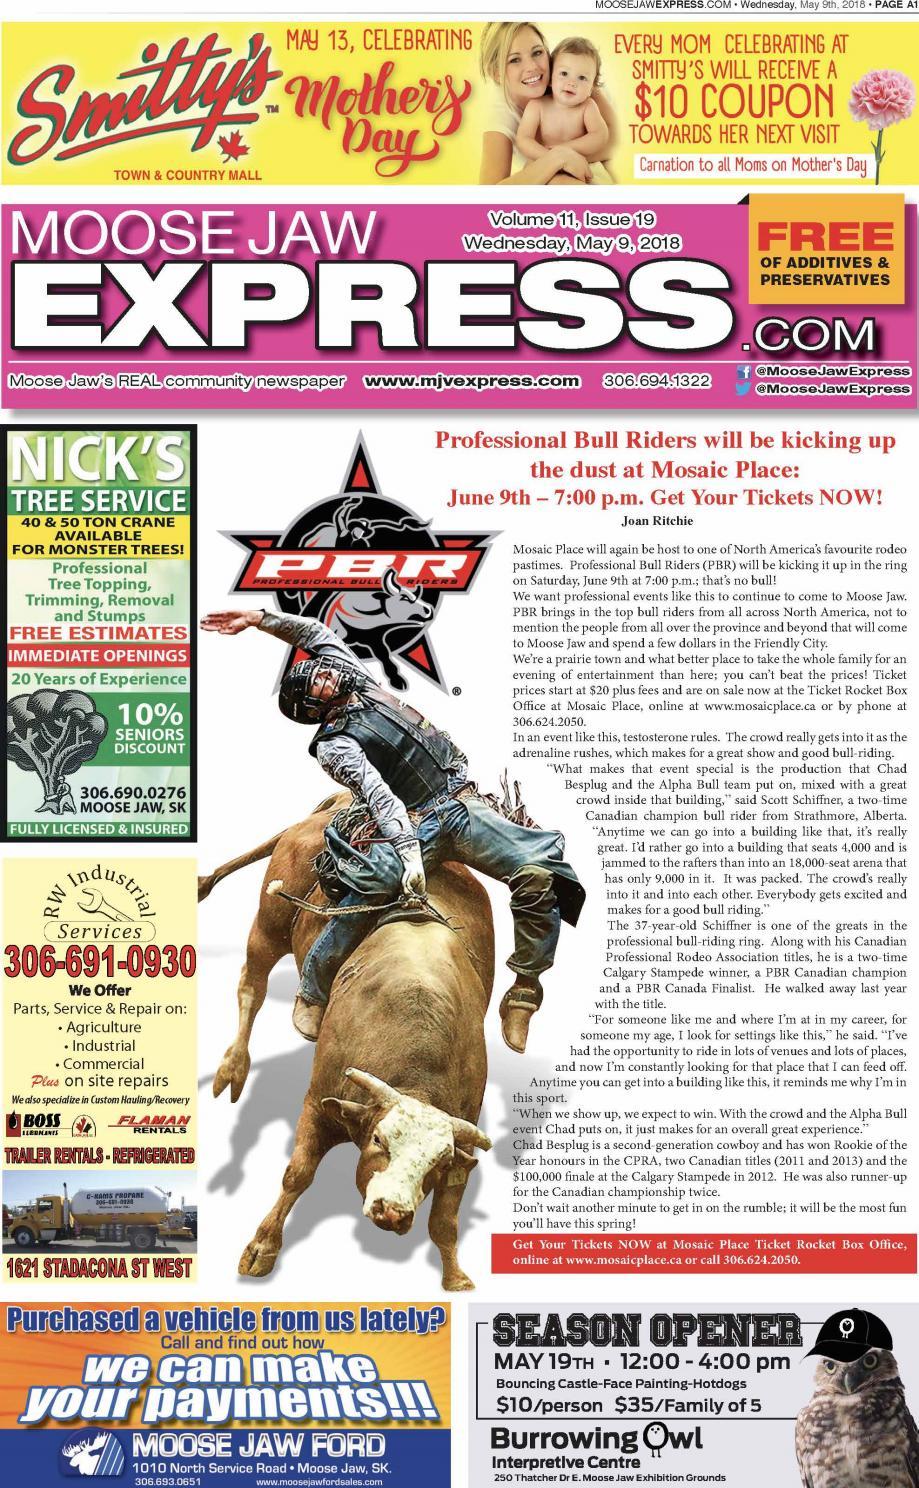 Moose Jaw Express